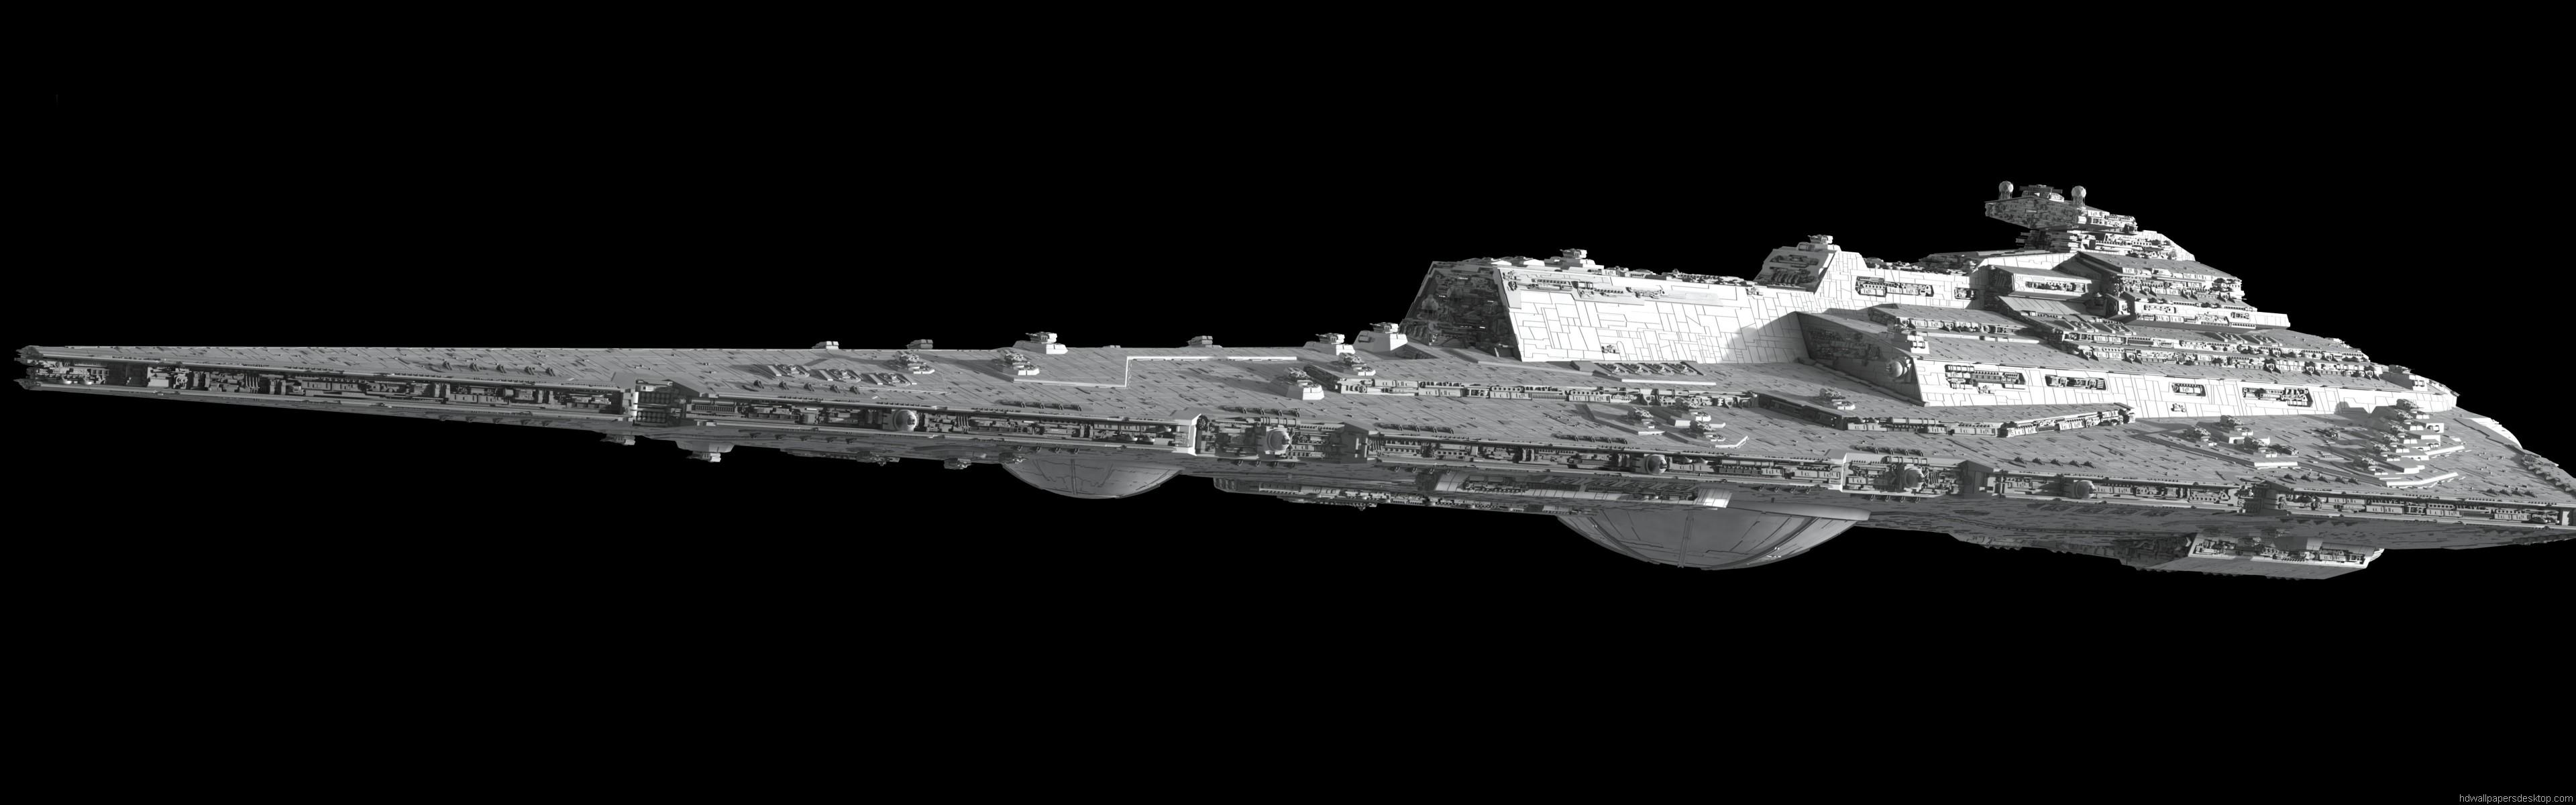 Panoramic Star Wars Wallpaper 3840×1080